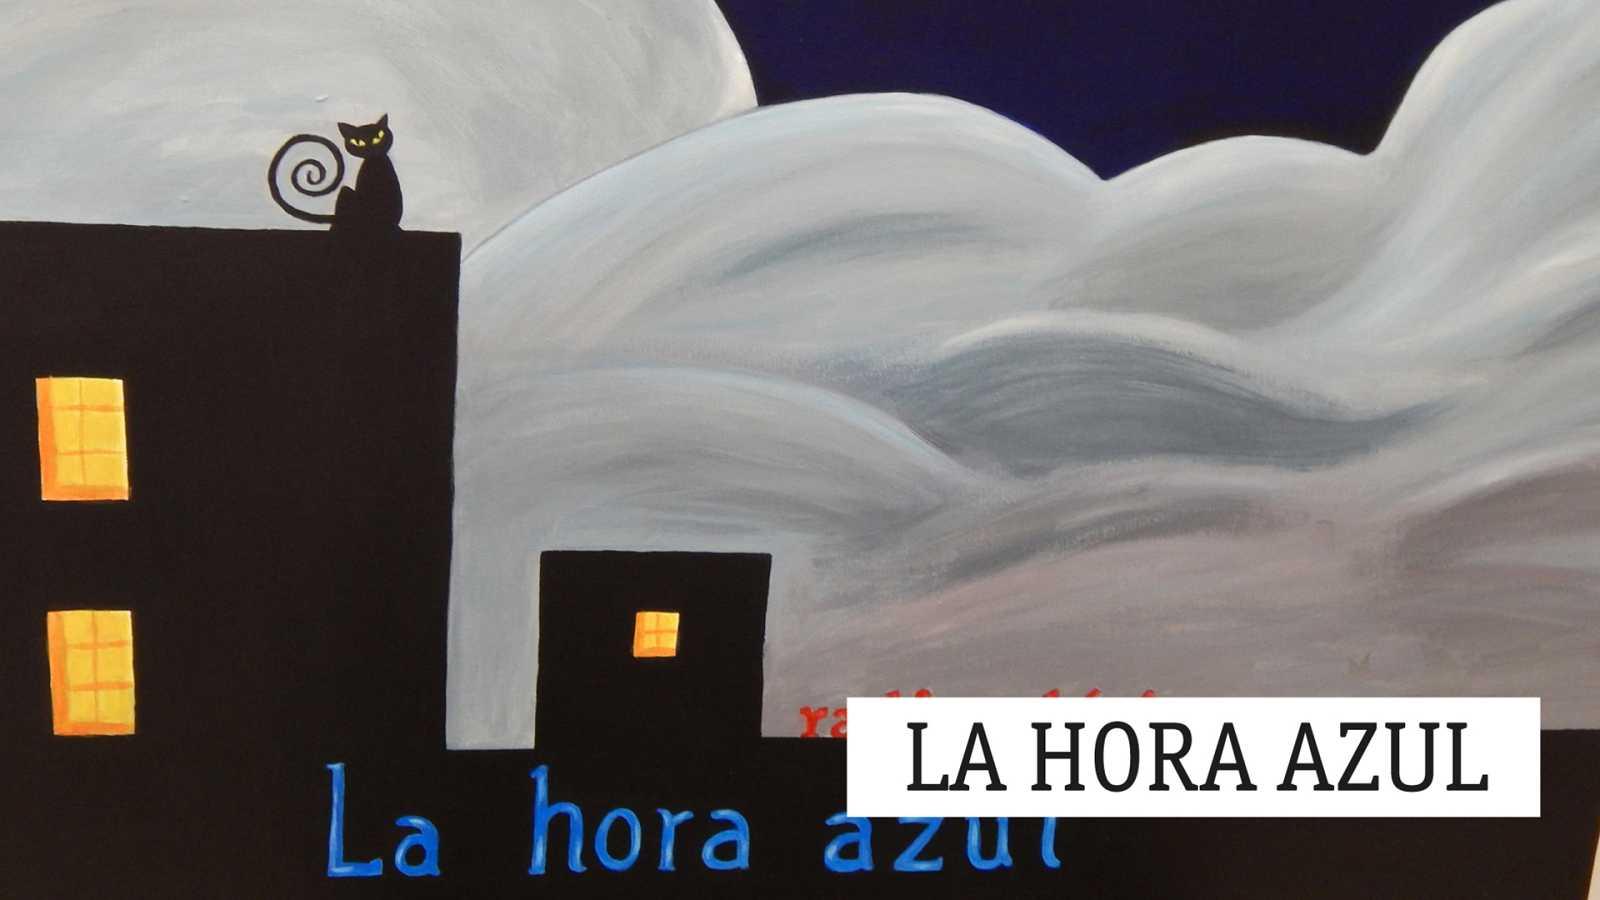 La hora azul - ONE, grabaciones históricas - 18/03/21 - escuchar ahora